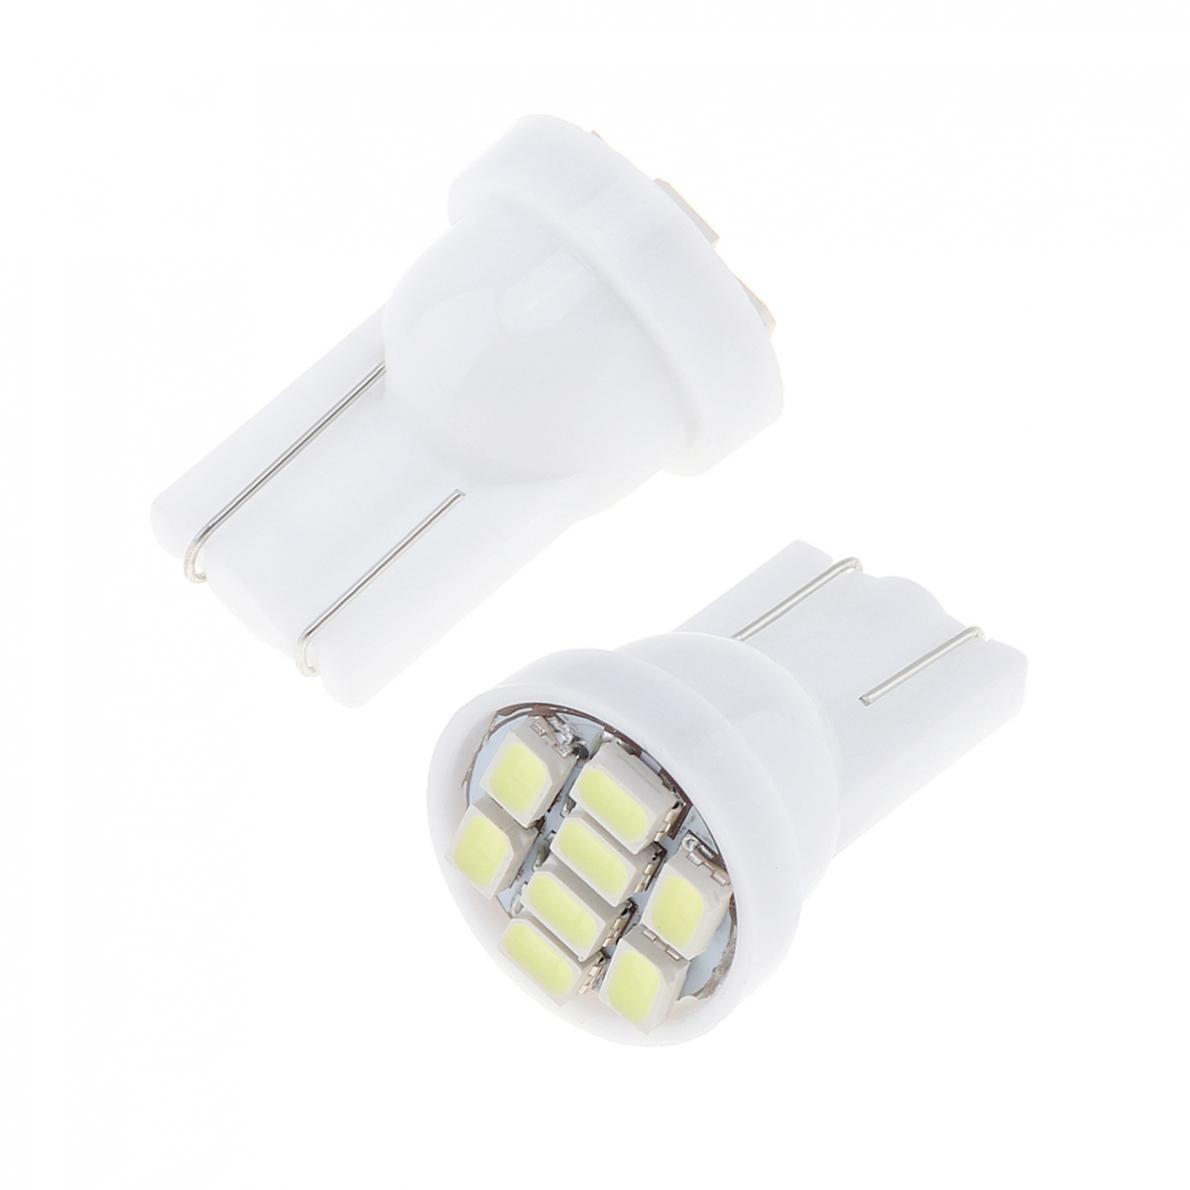 20 12V W5W T10 194 168 2825 501 192 158 White LED Side Car Wedge Light Lamp Bulb 5